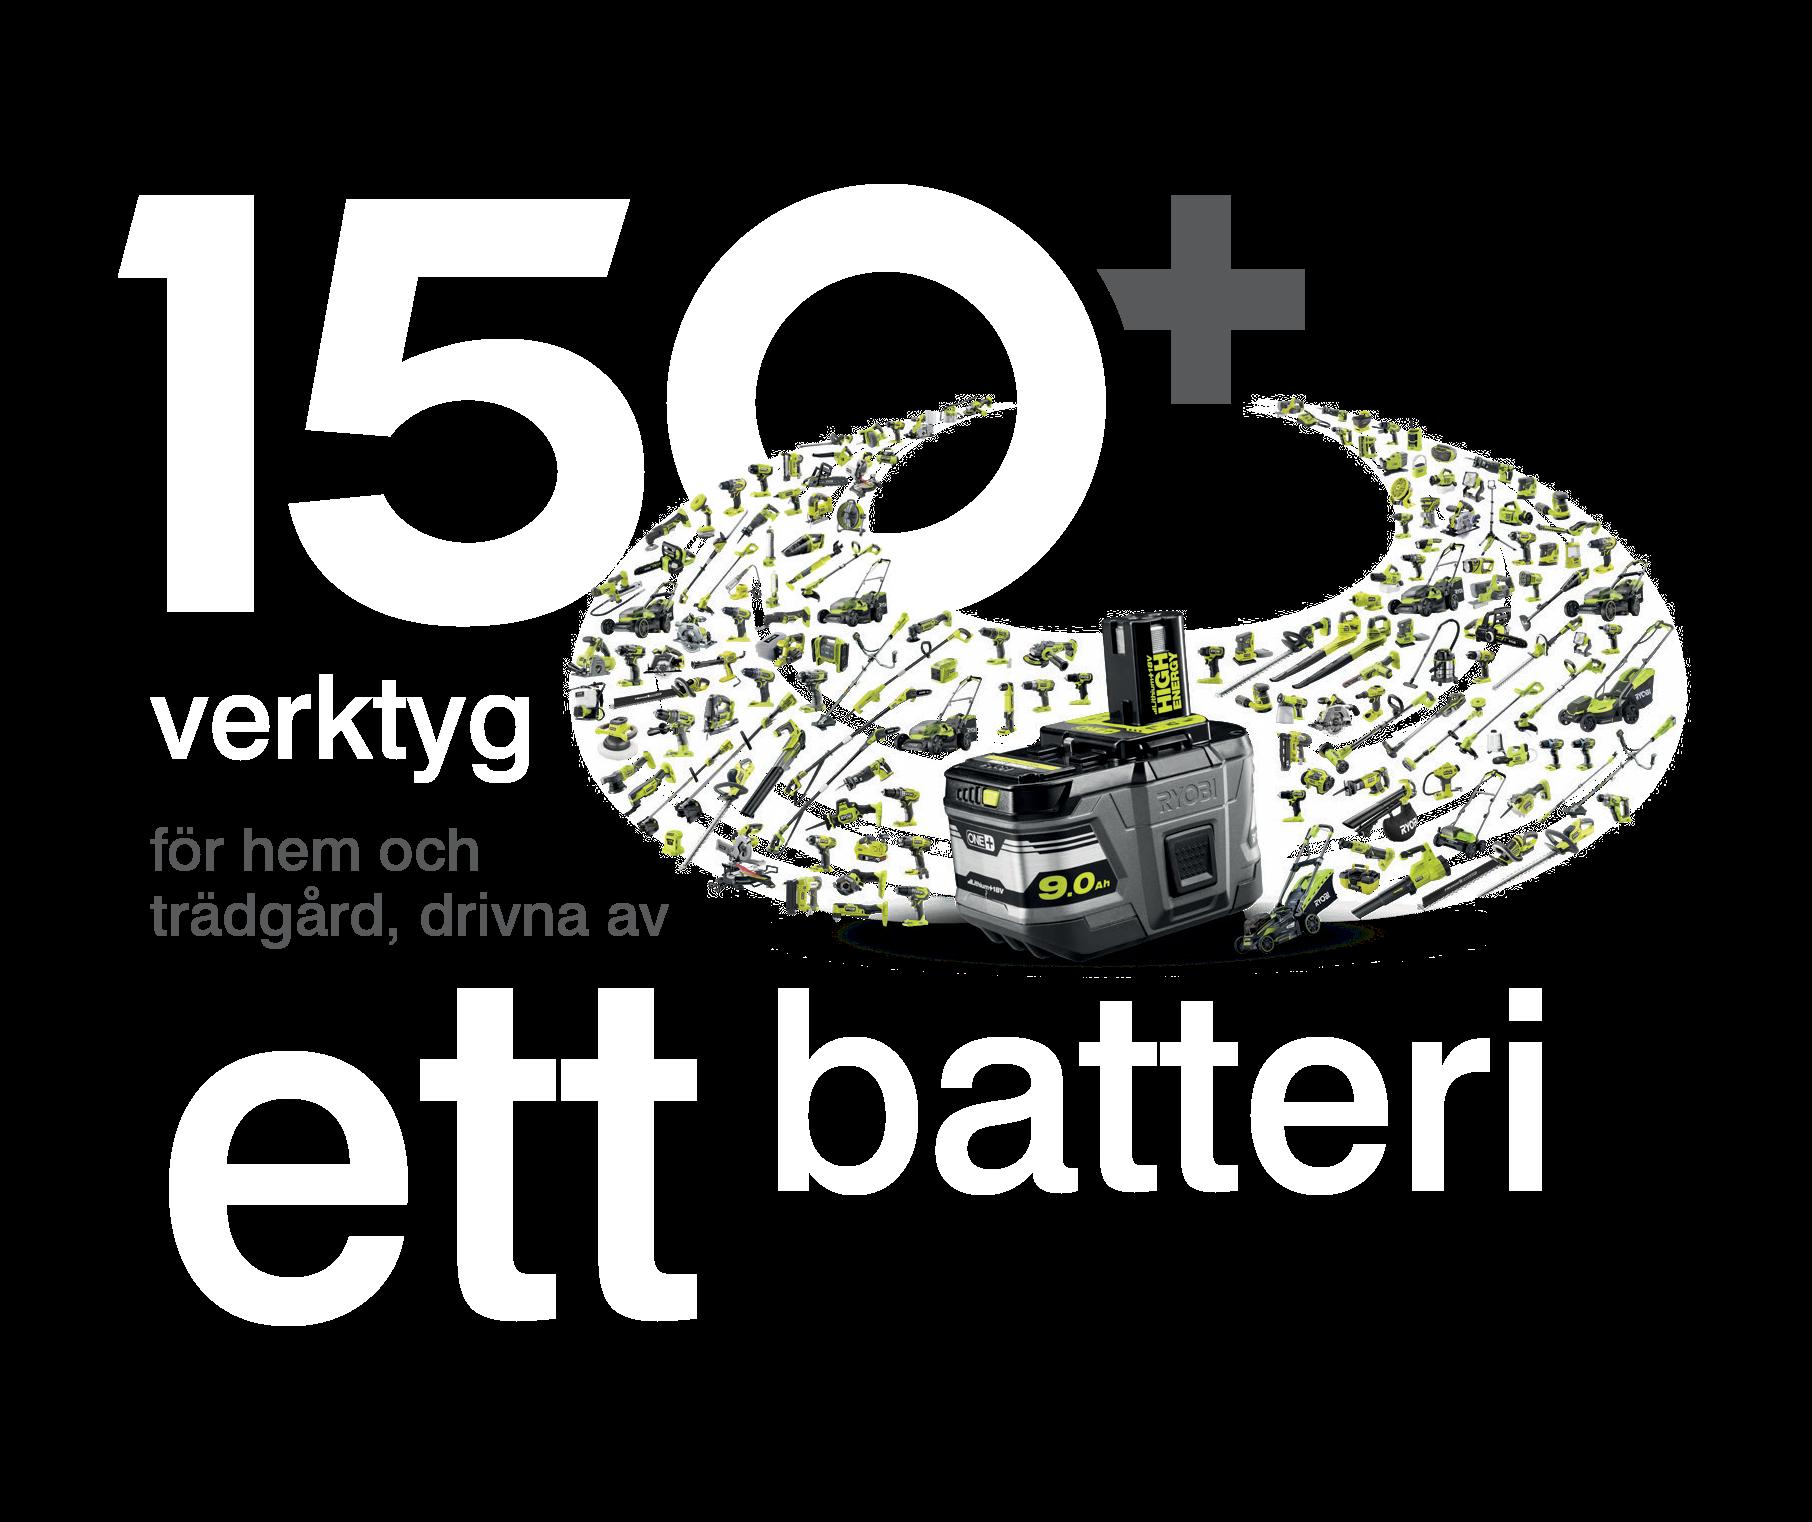 ETT BATTERI PASSAR ALLA